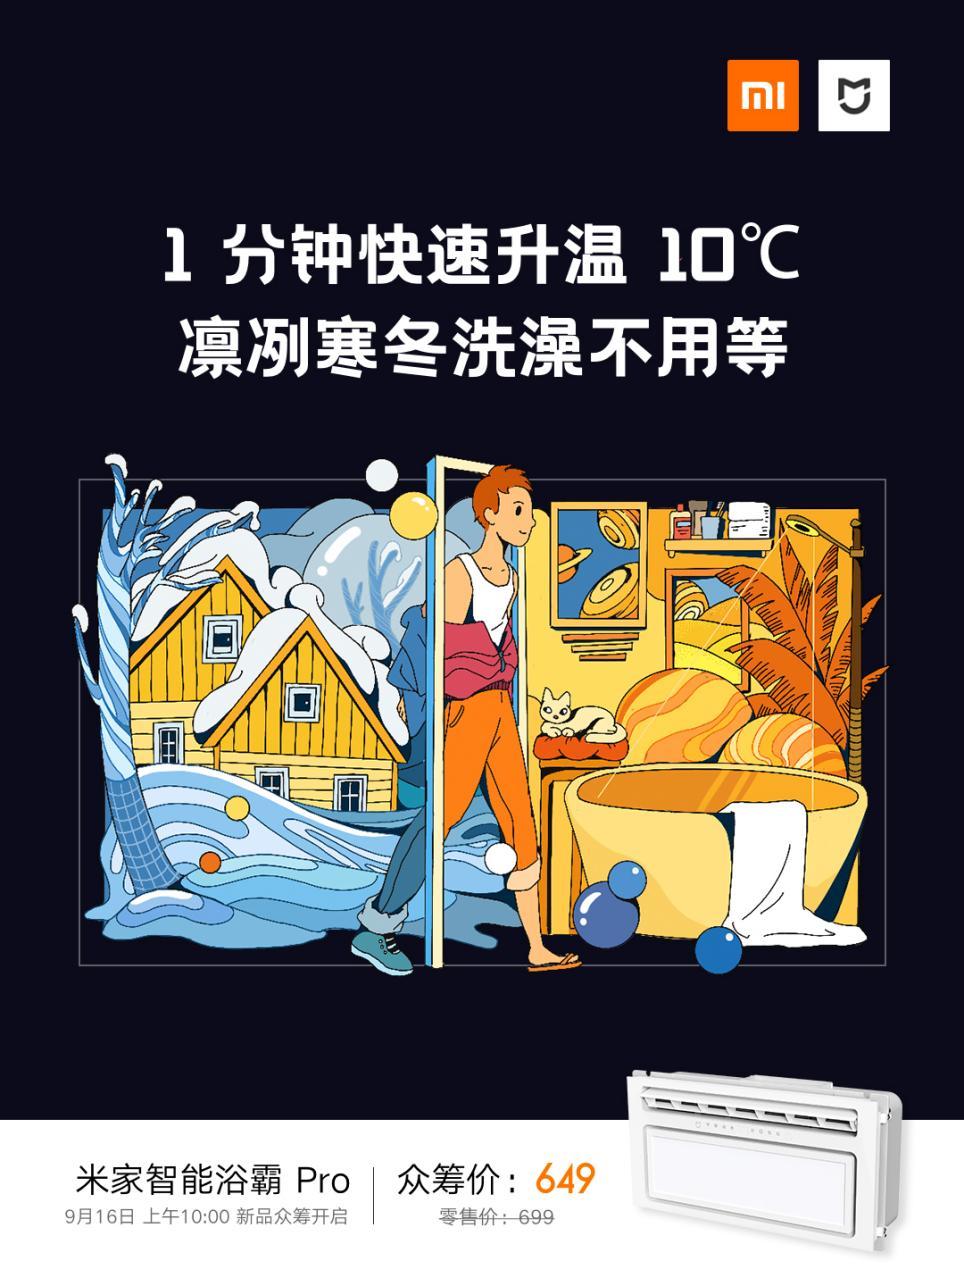 649元 米家智能浴霸Pro眾籌